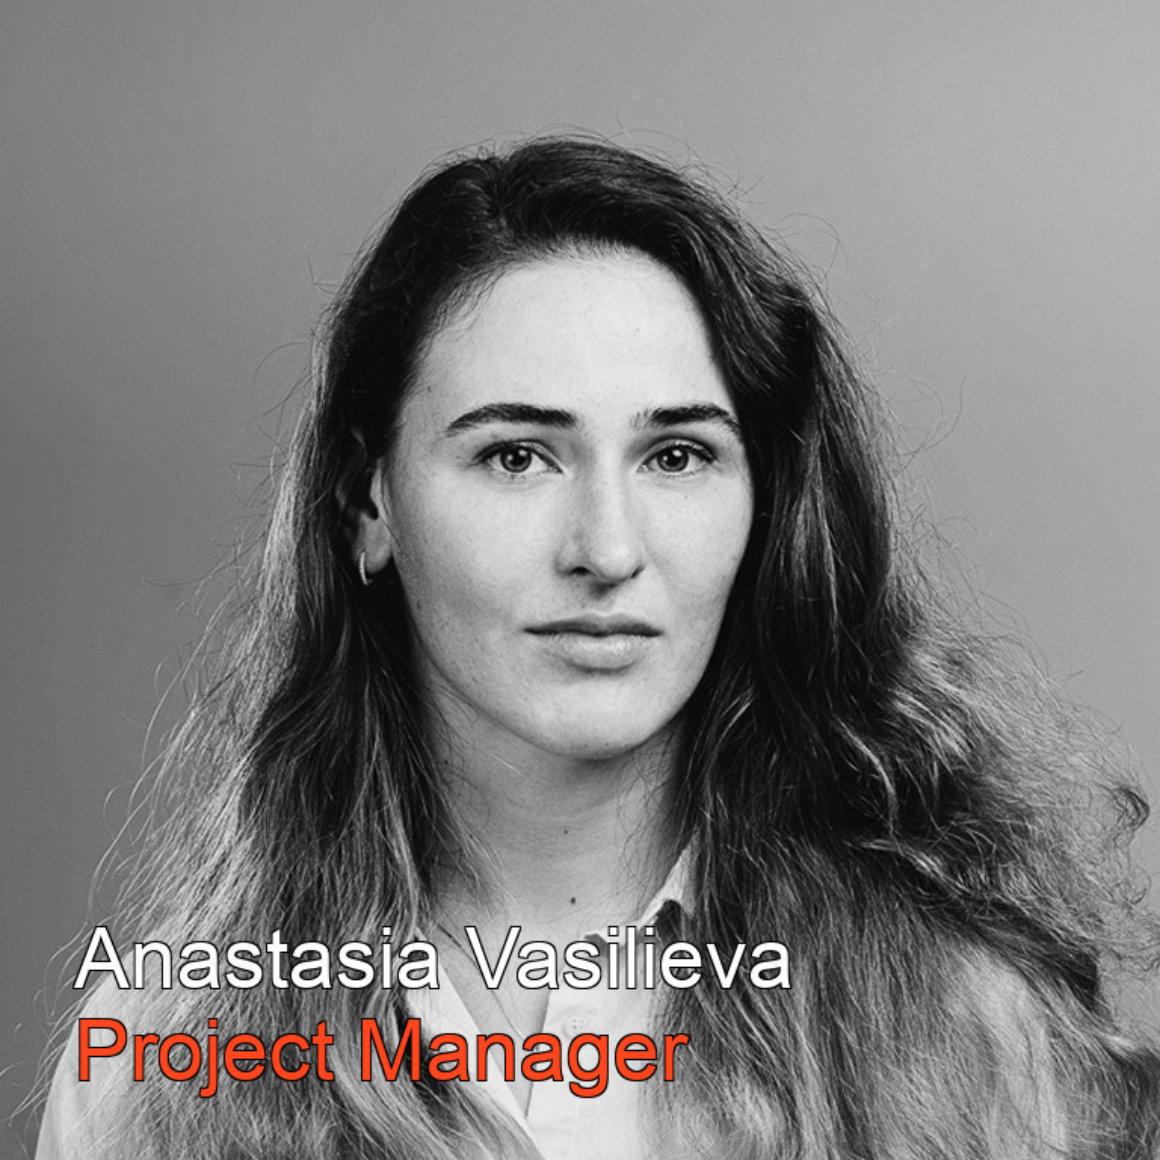 Anastasia Vasilieva PM BW